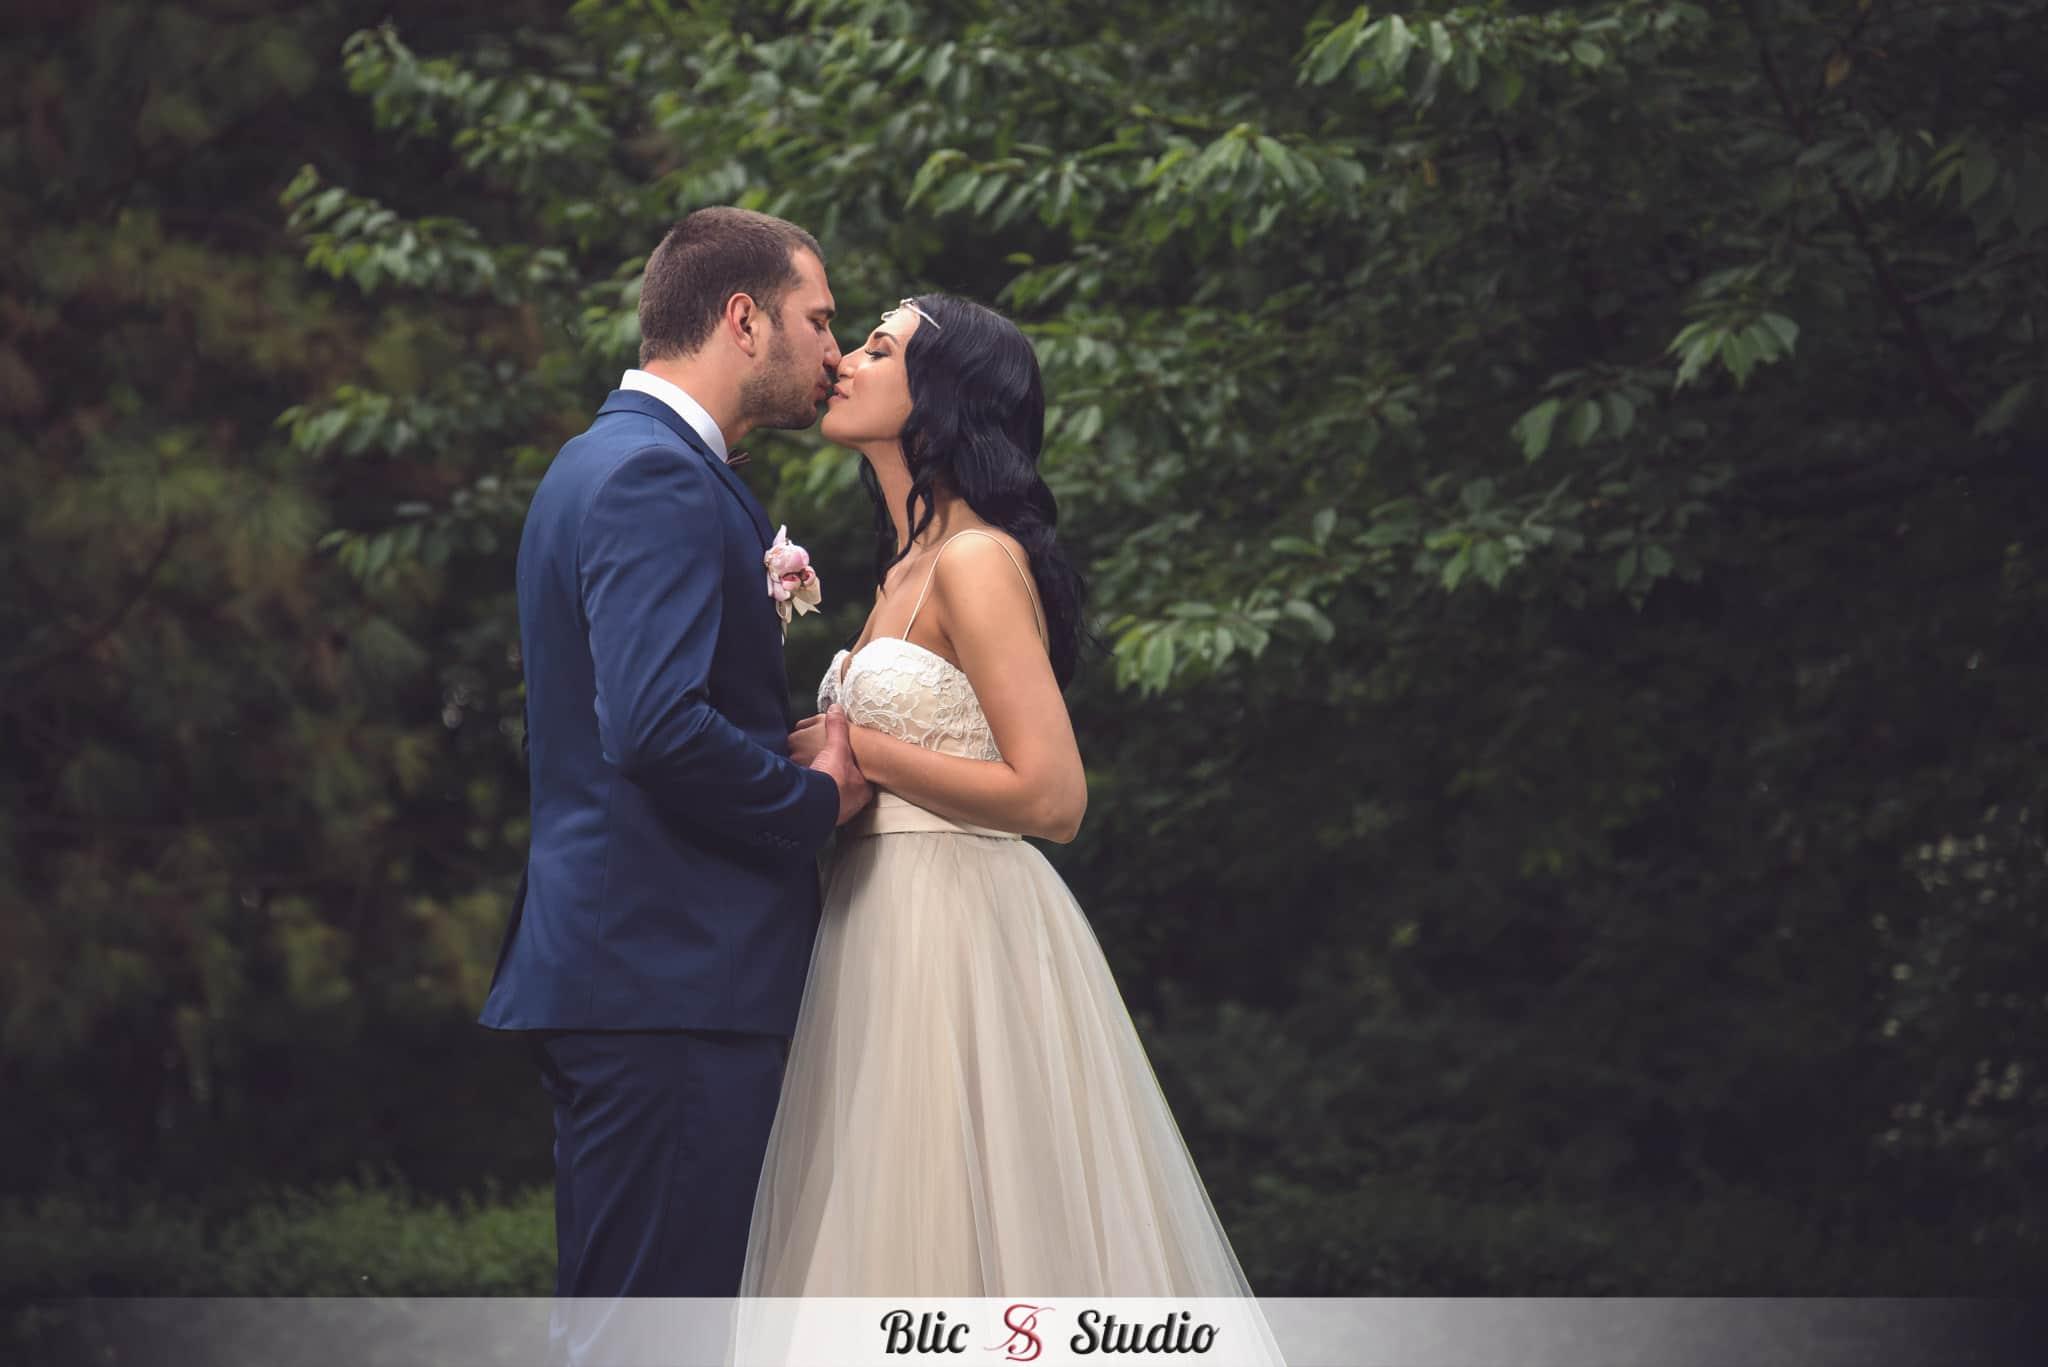 Fotograf_za_vjenčanje_foto_studio_blic_marincel (13)